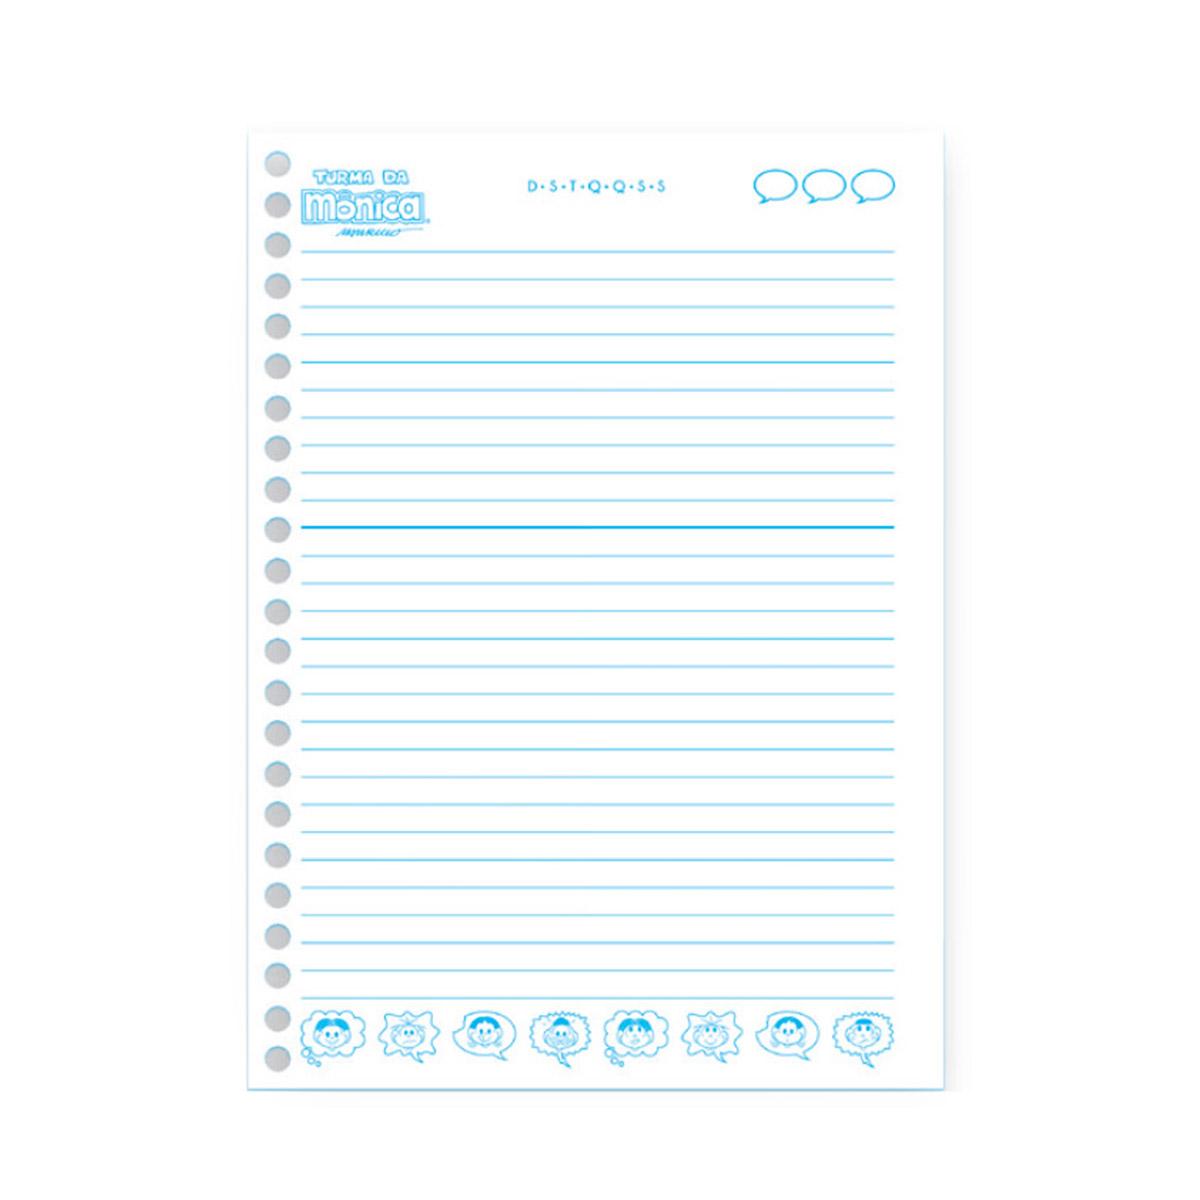 Caderno Turma da Mônica Onomatopeia Cascão 10 Matérias